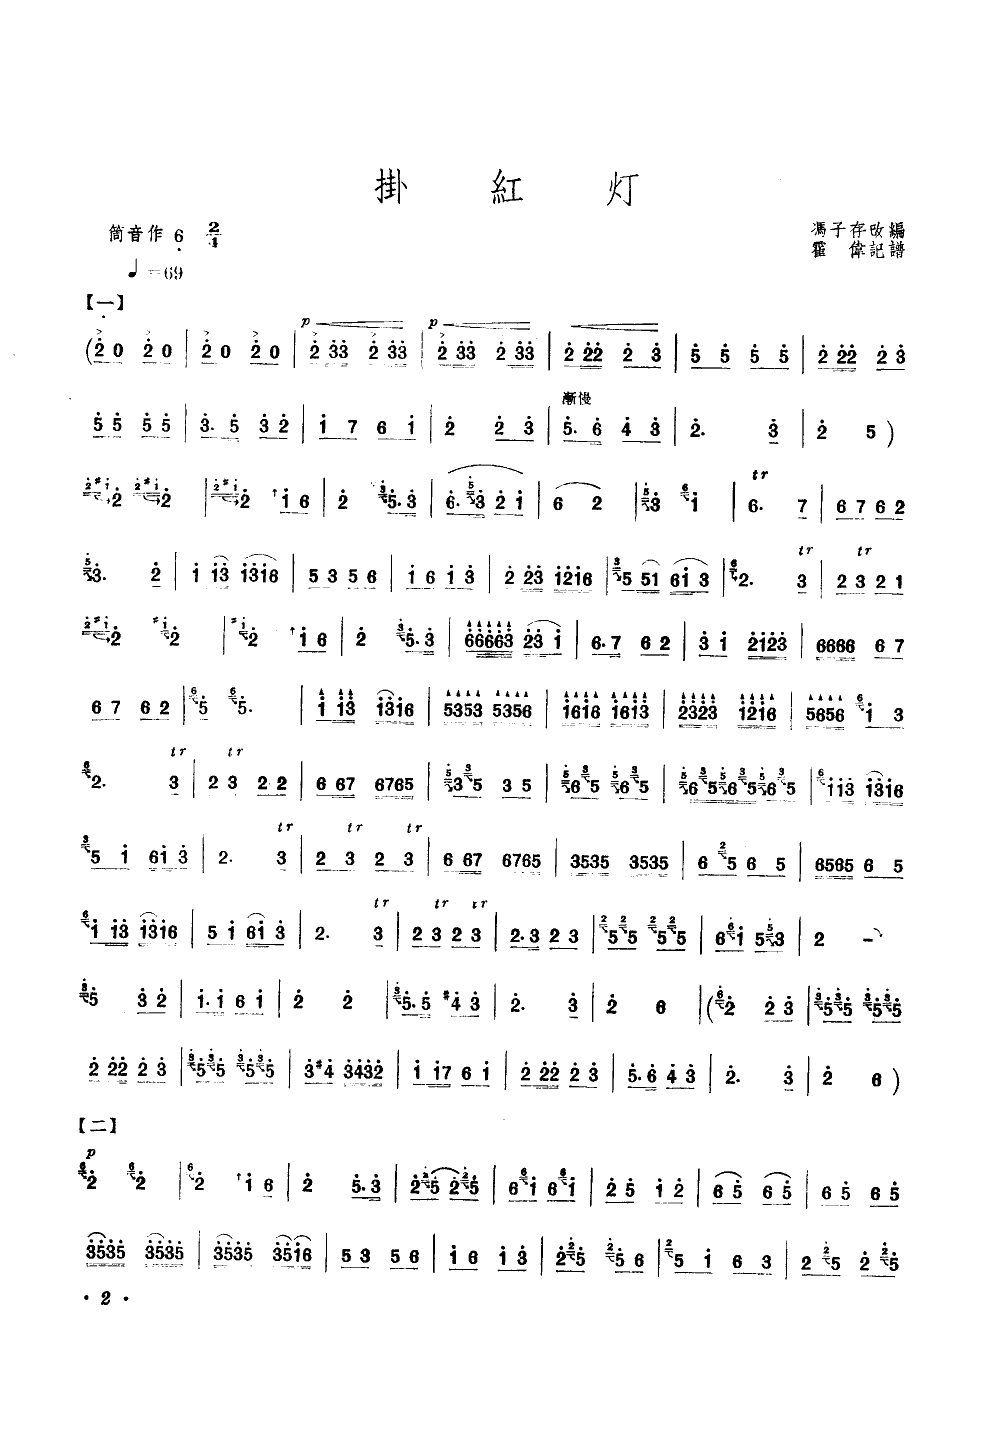 简谱 笛子独奏 挂红灯/挂红灯(笛子独奏)(简谱)